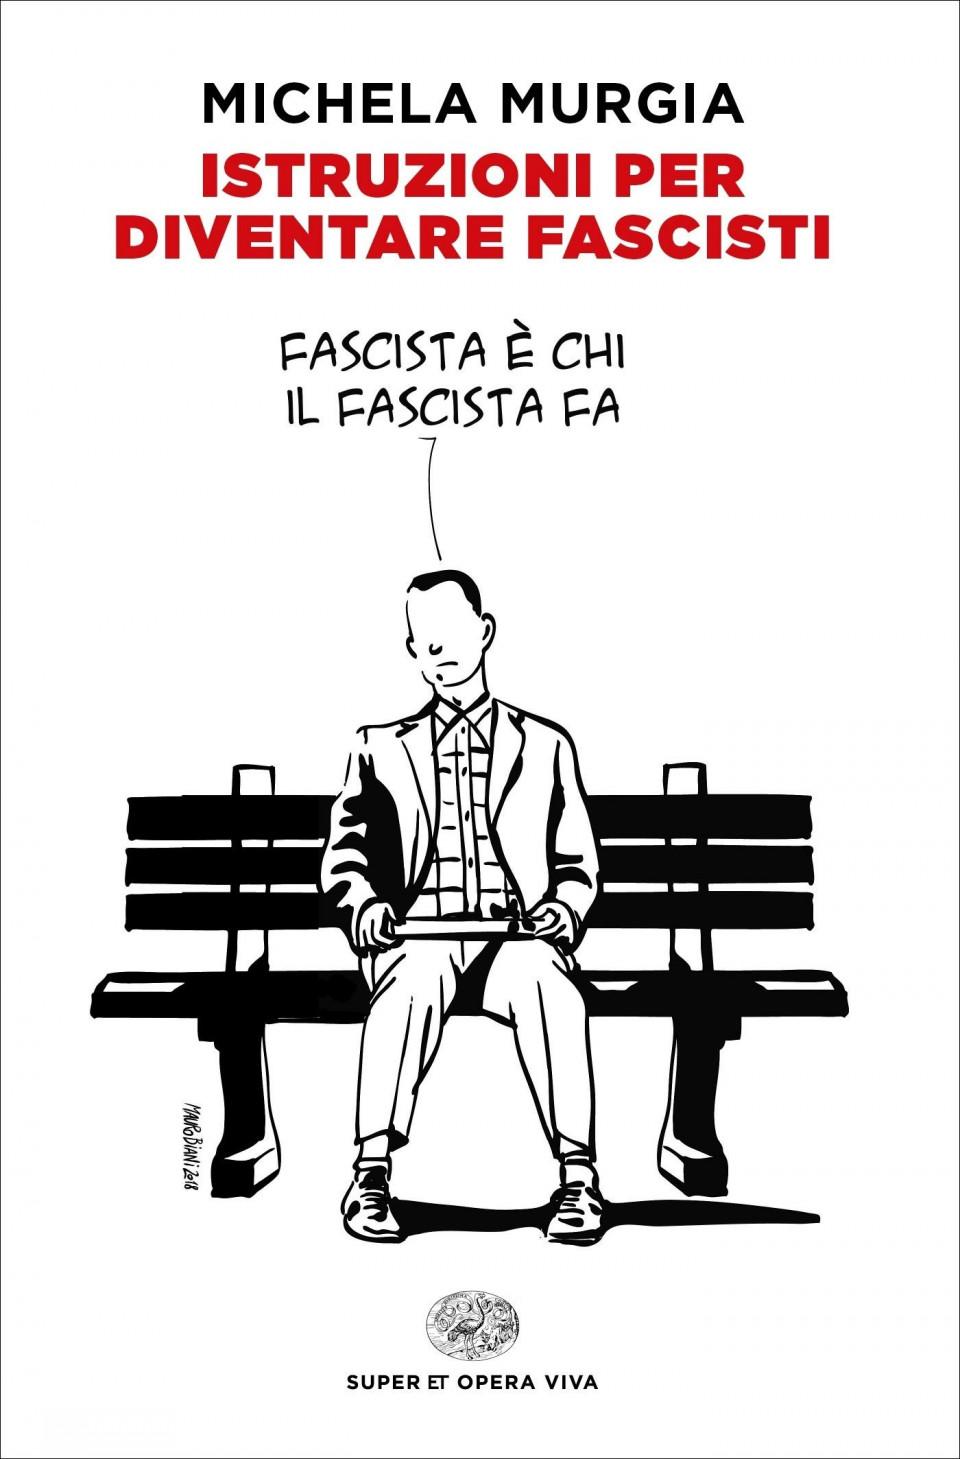 murgia_fascismo_2.jpg